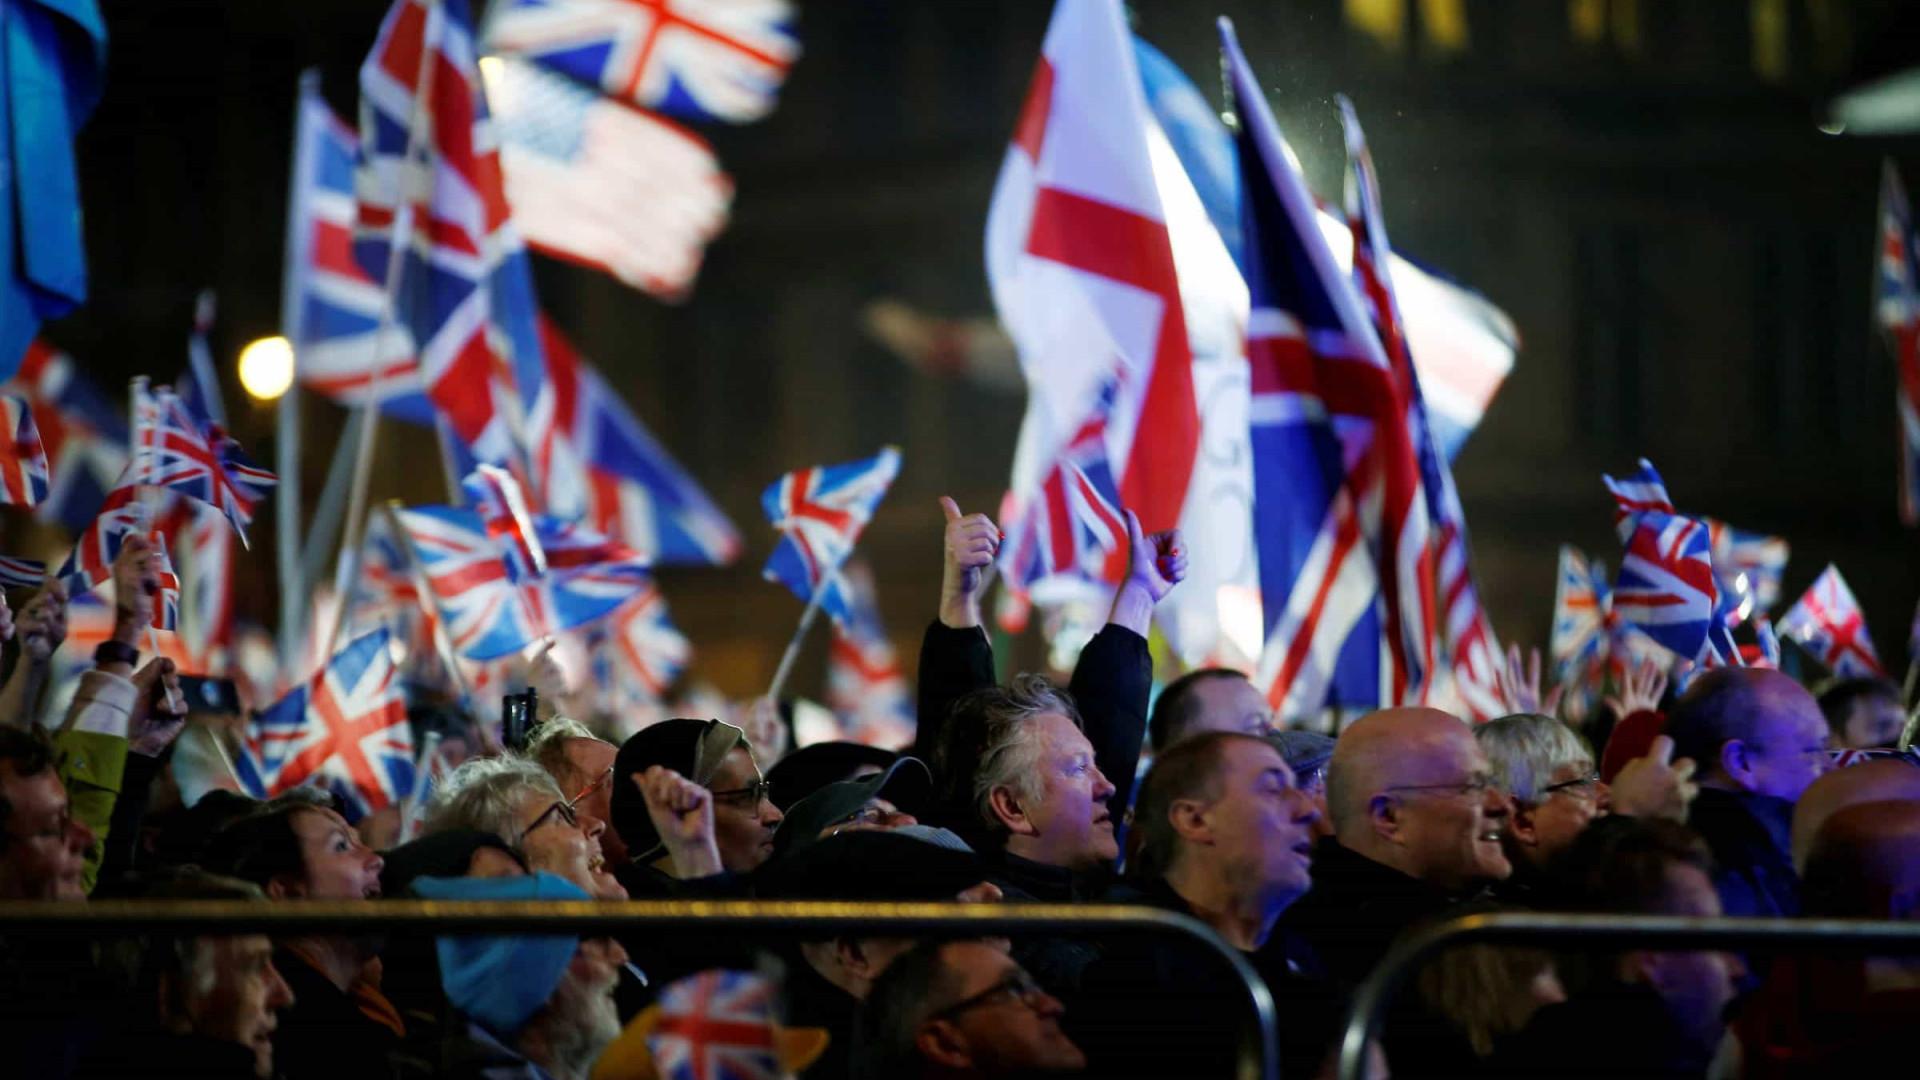 Brexit enlutece 'geração Erasmus' e frustra os sub-20 europeus